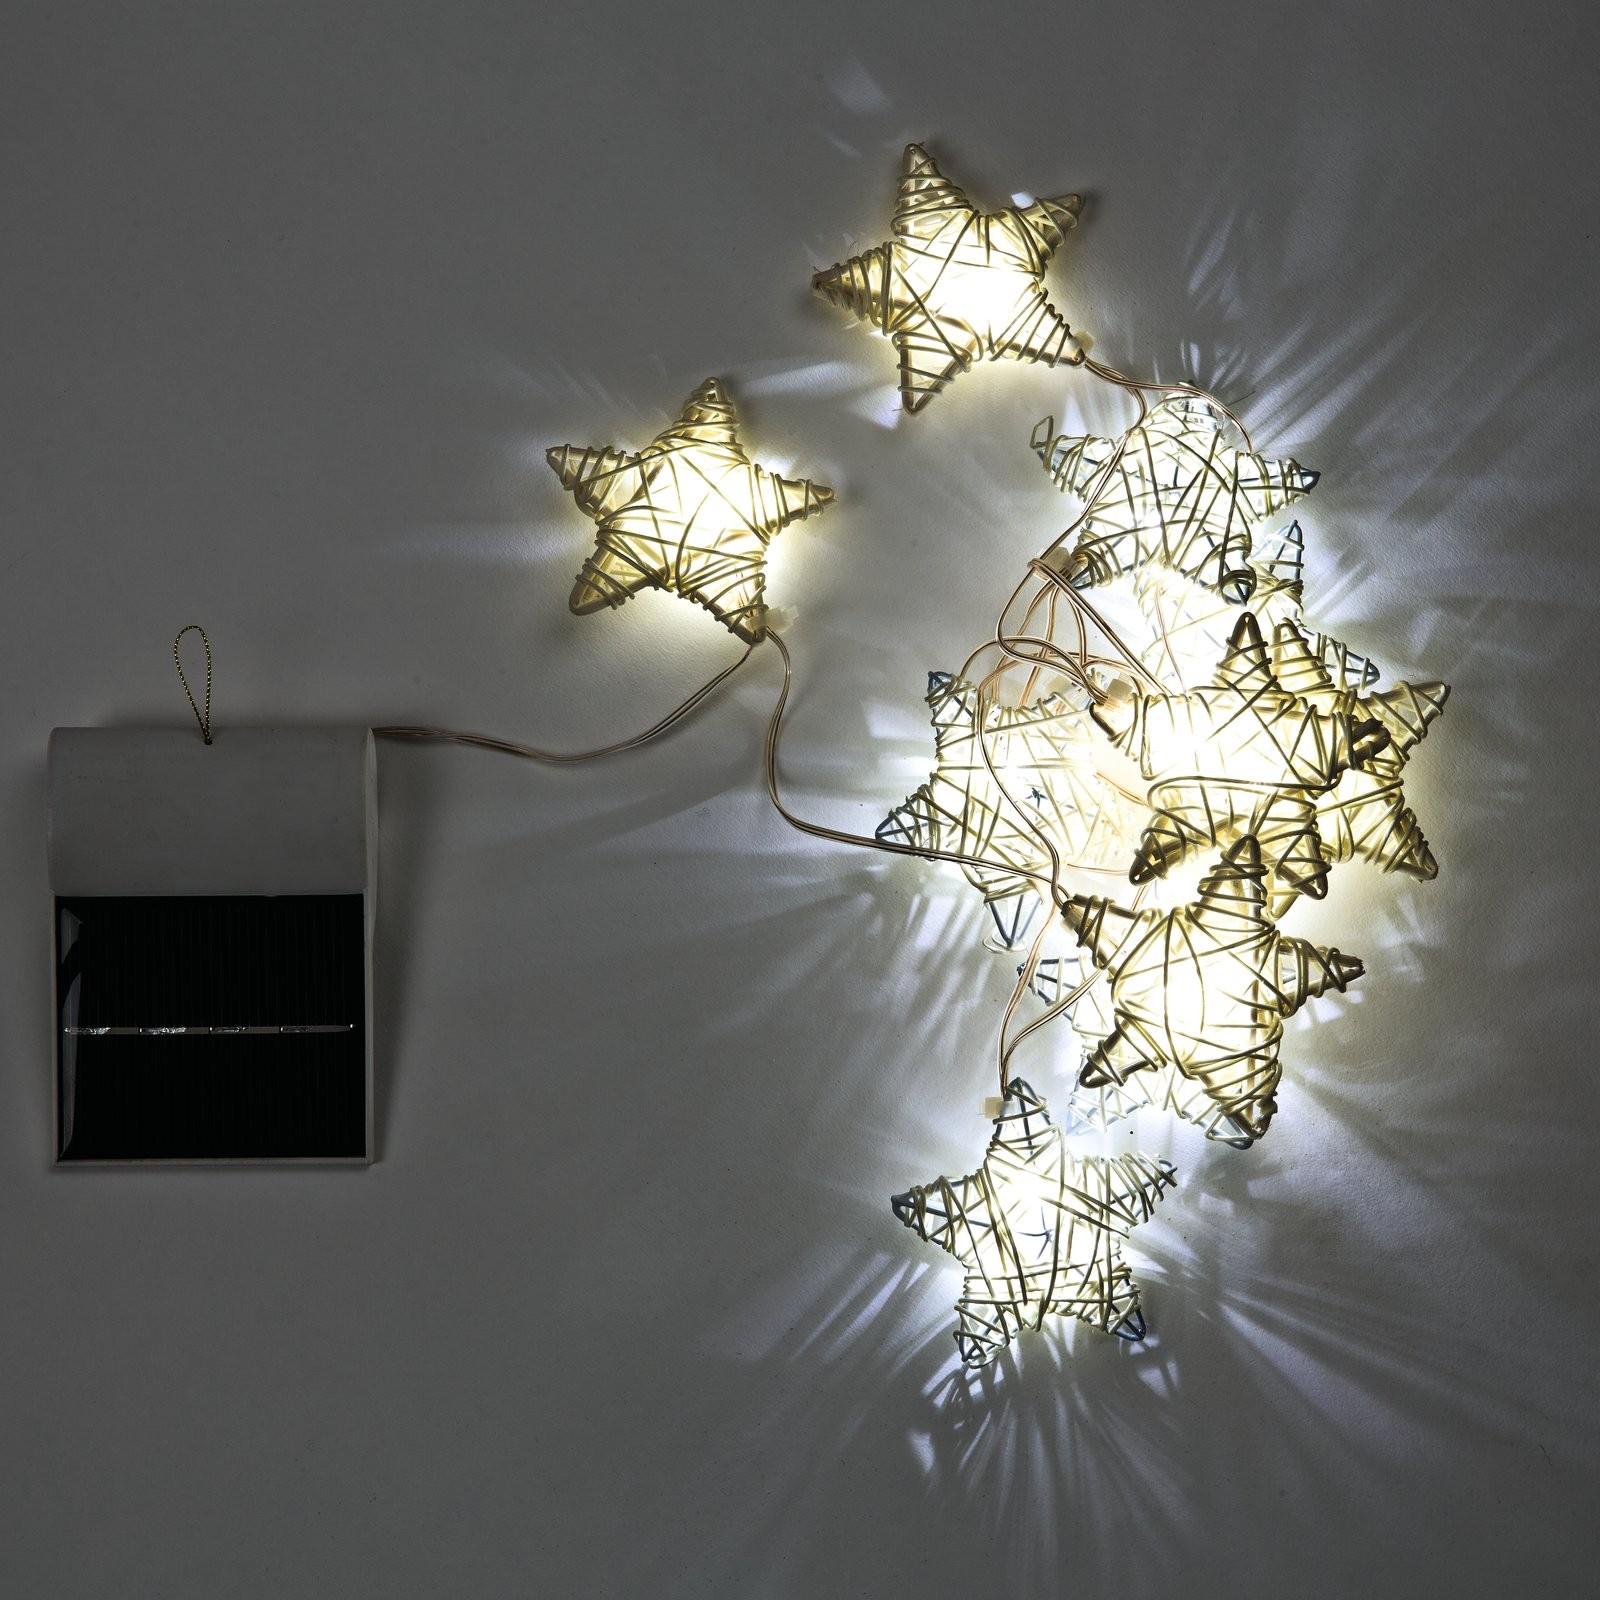 Wunderbar Verdrahtung Einer Lichterkette Bilder - Elektrische ...